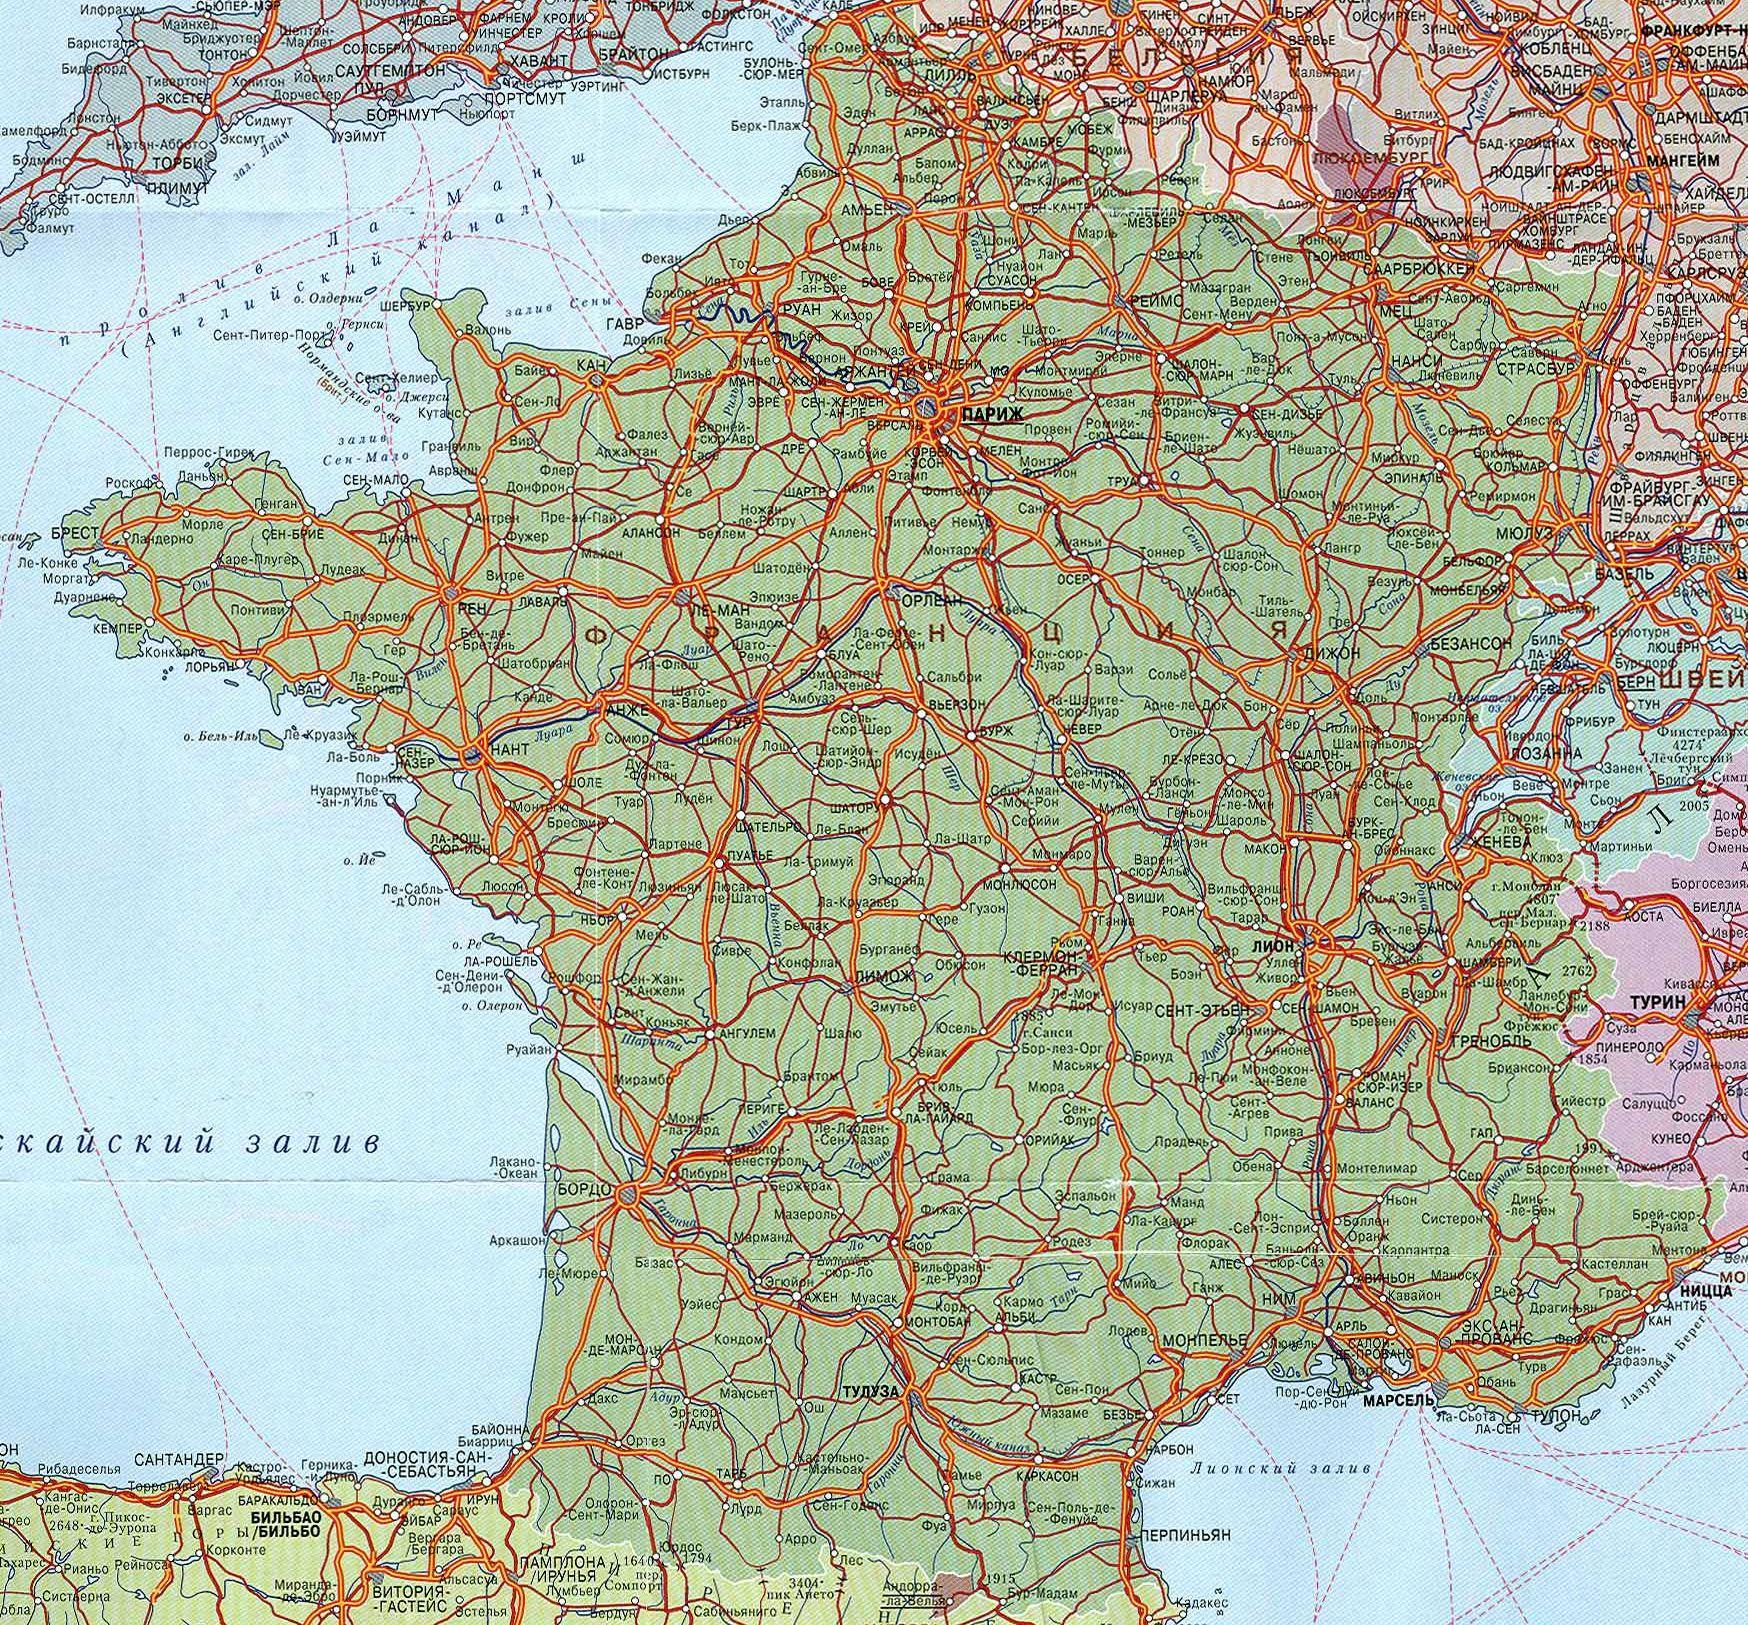 Где находится Франция Карта Скачать карту Франции Курорты  Карта Франции Где находится Франция